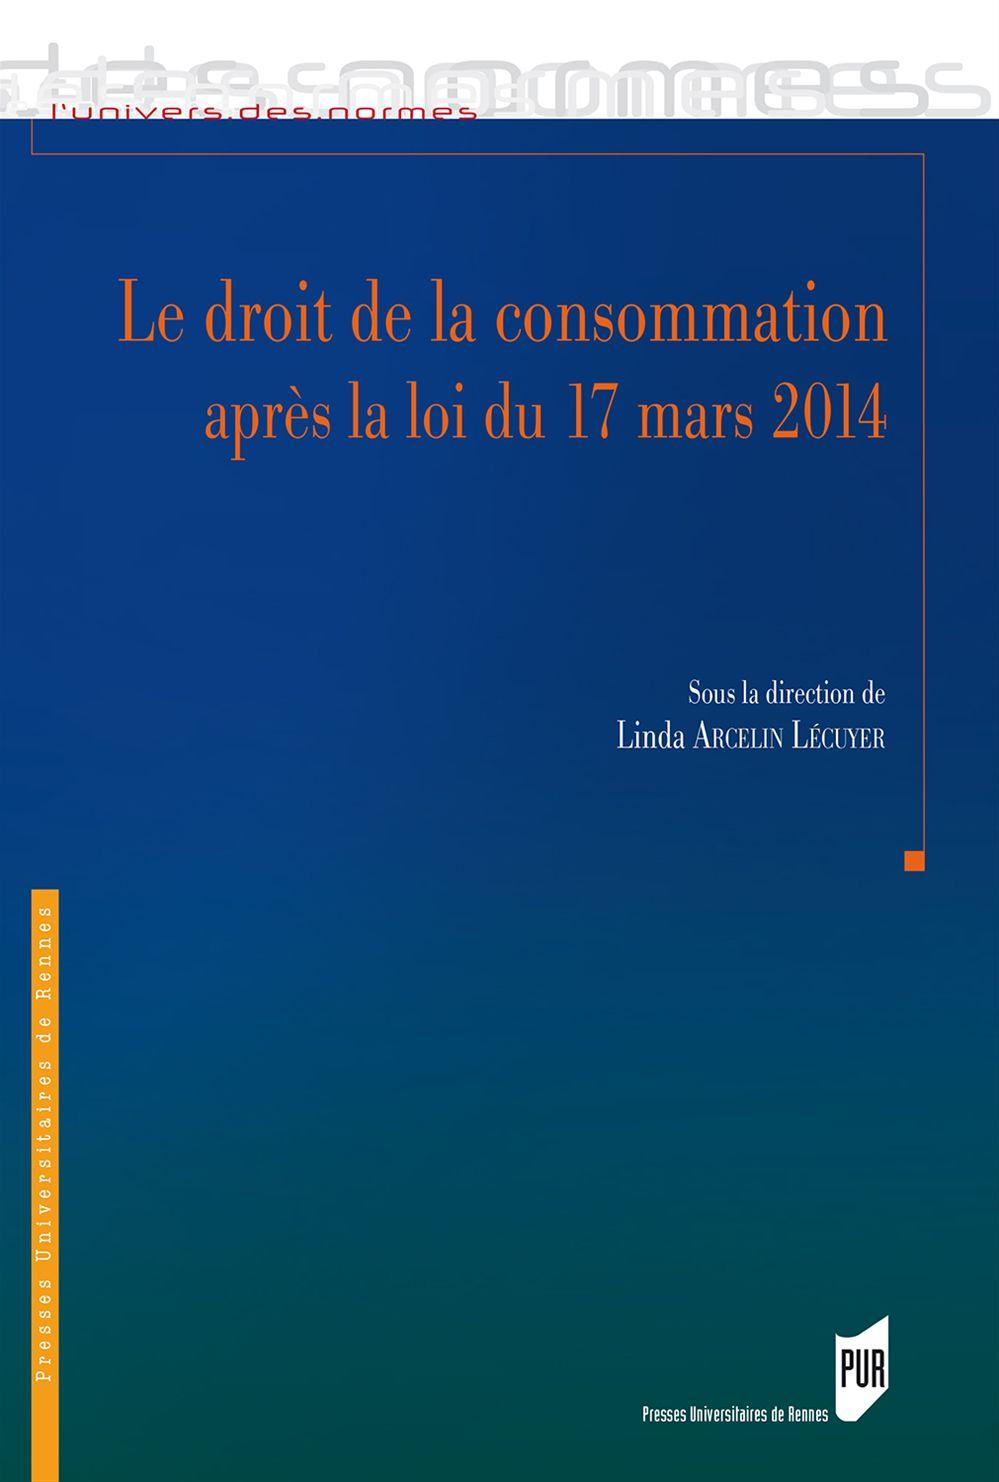 le droit de la consommation après la loi du 17 mars 2014